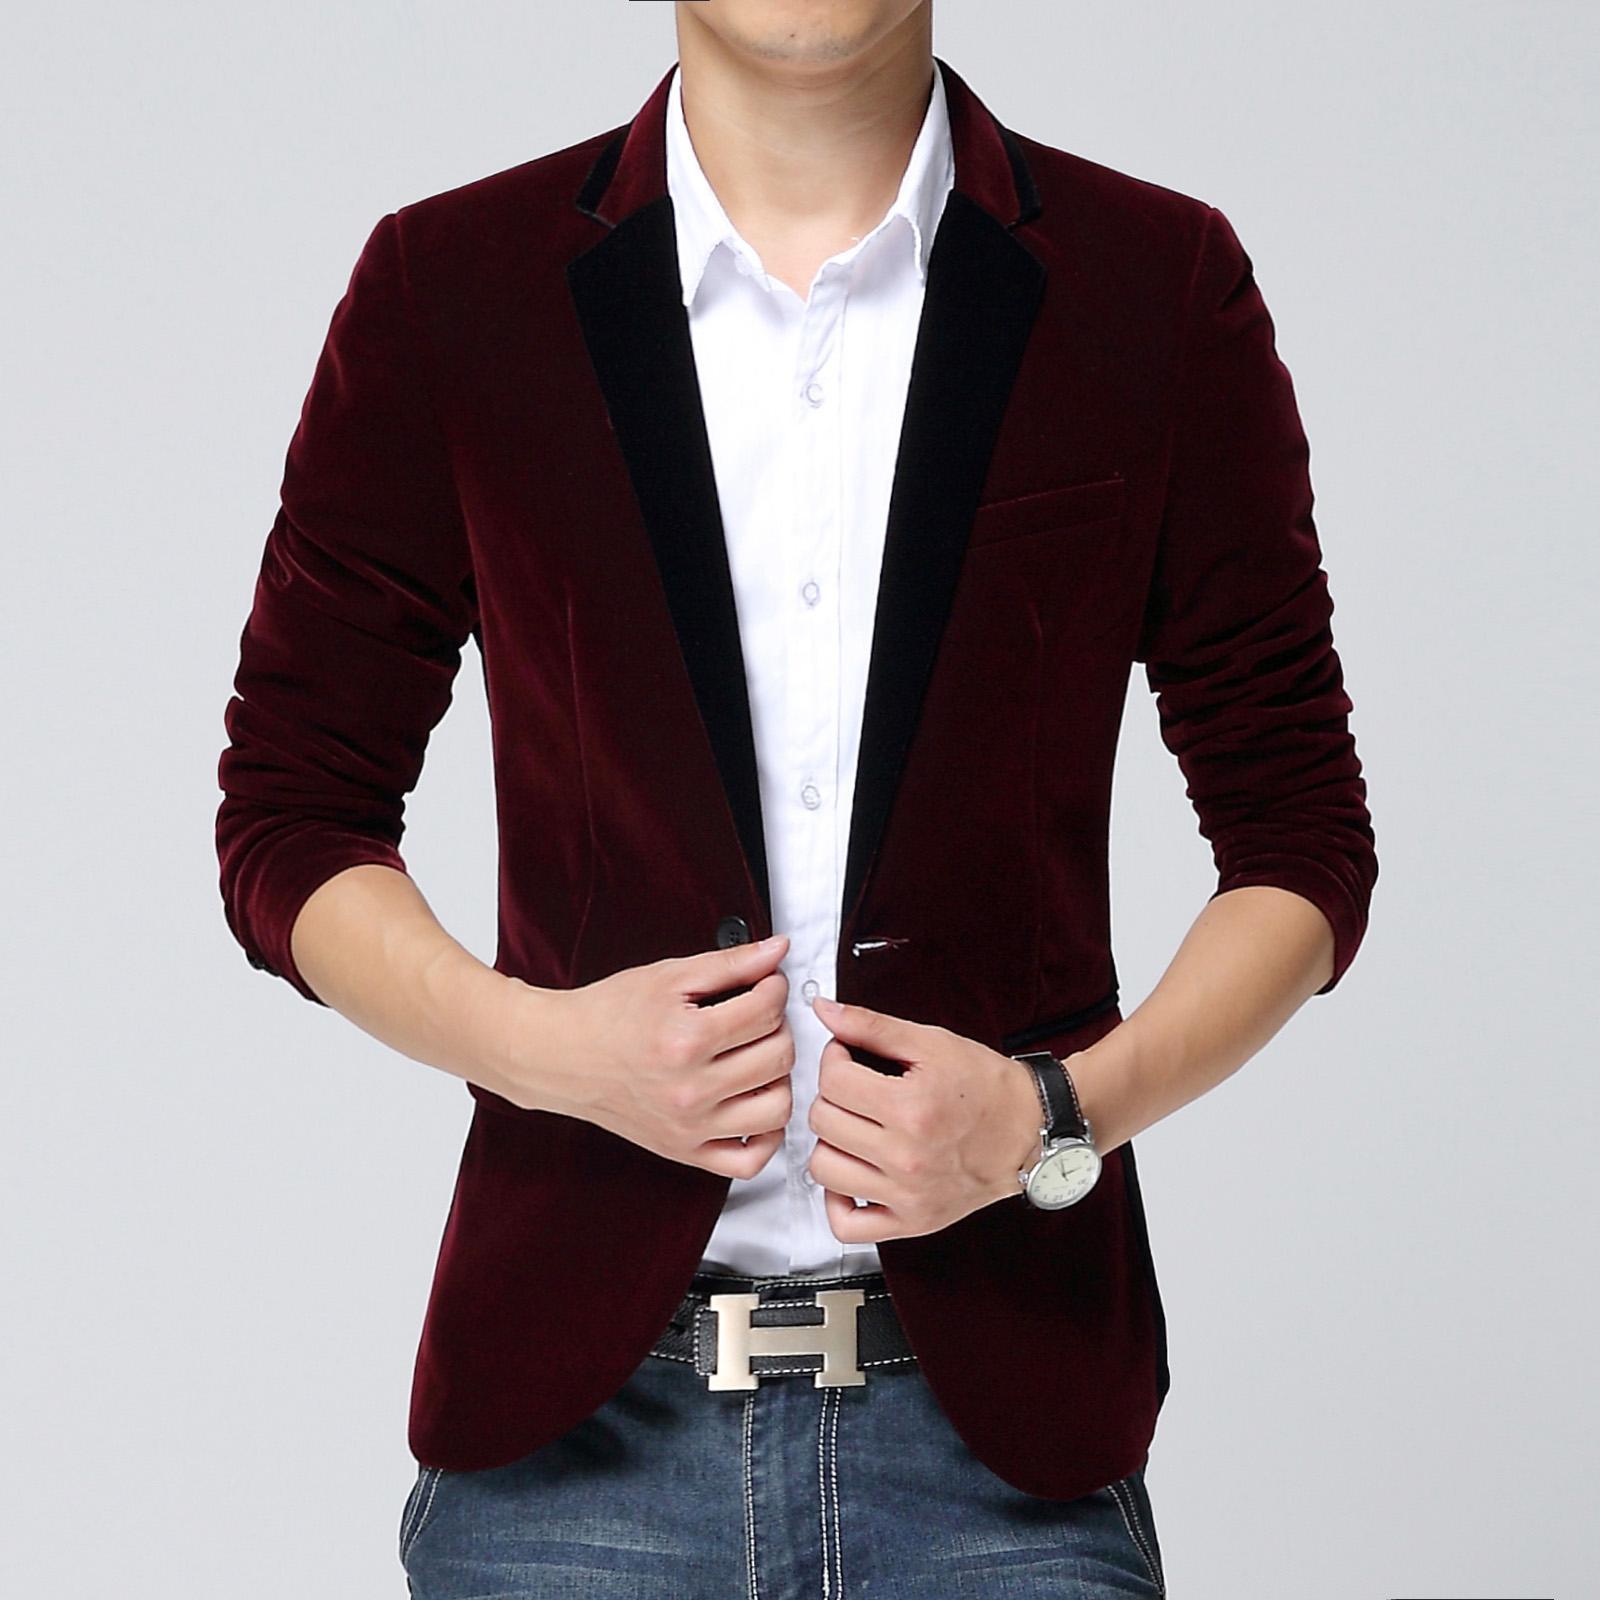 Mens jacket button rules - 2015 New Arrival Men Slim Red Suit Blazer Jacket Cotton Suit Blazer Masculino Rules Collar Man Suit Autumn Men Blazer